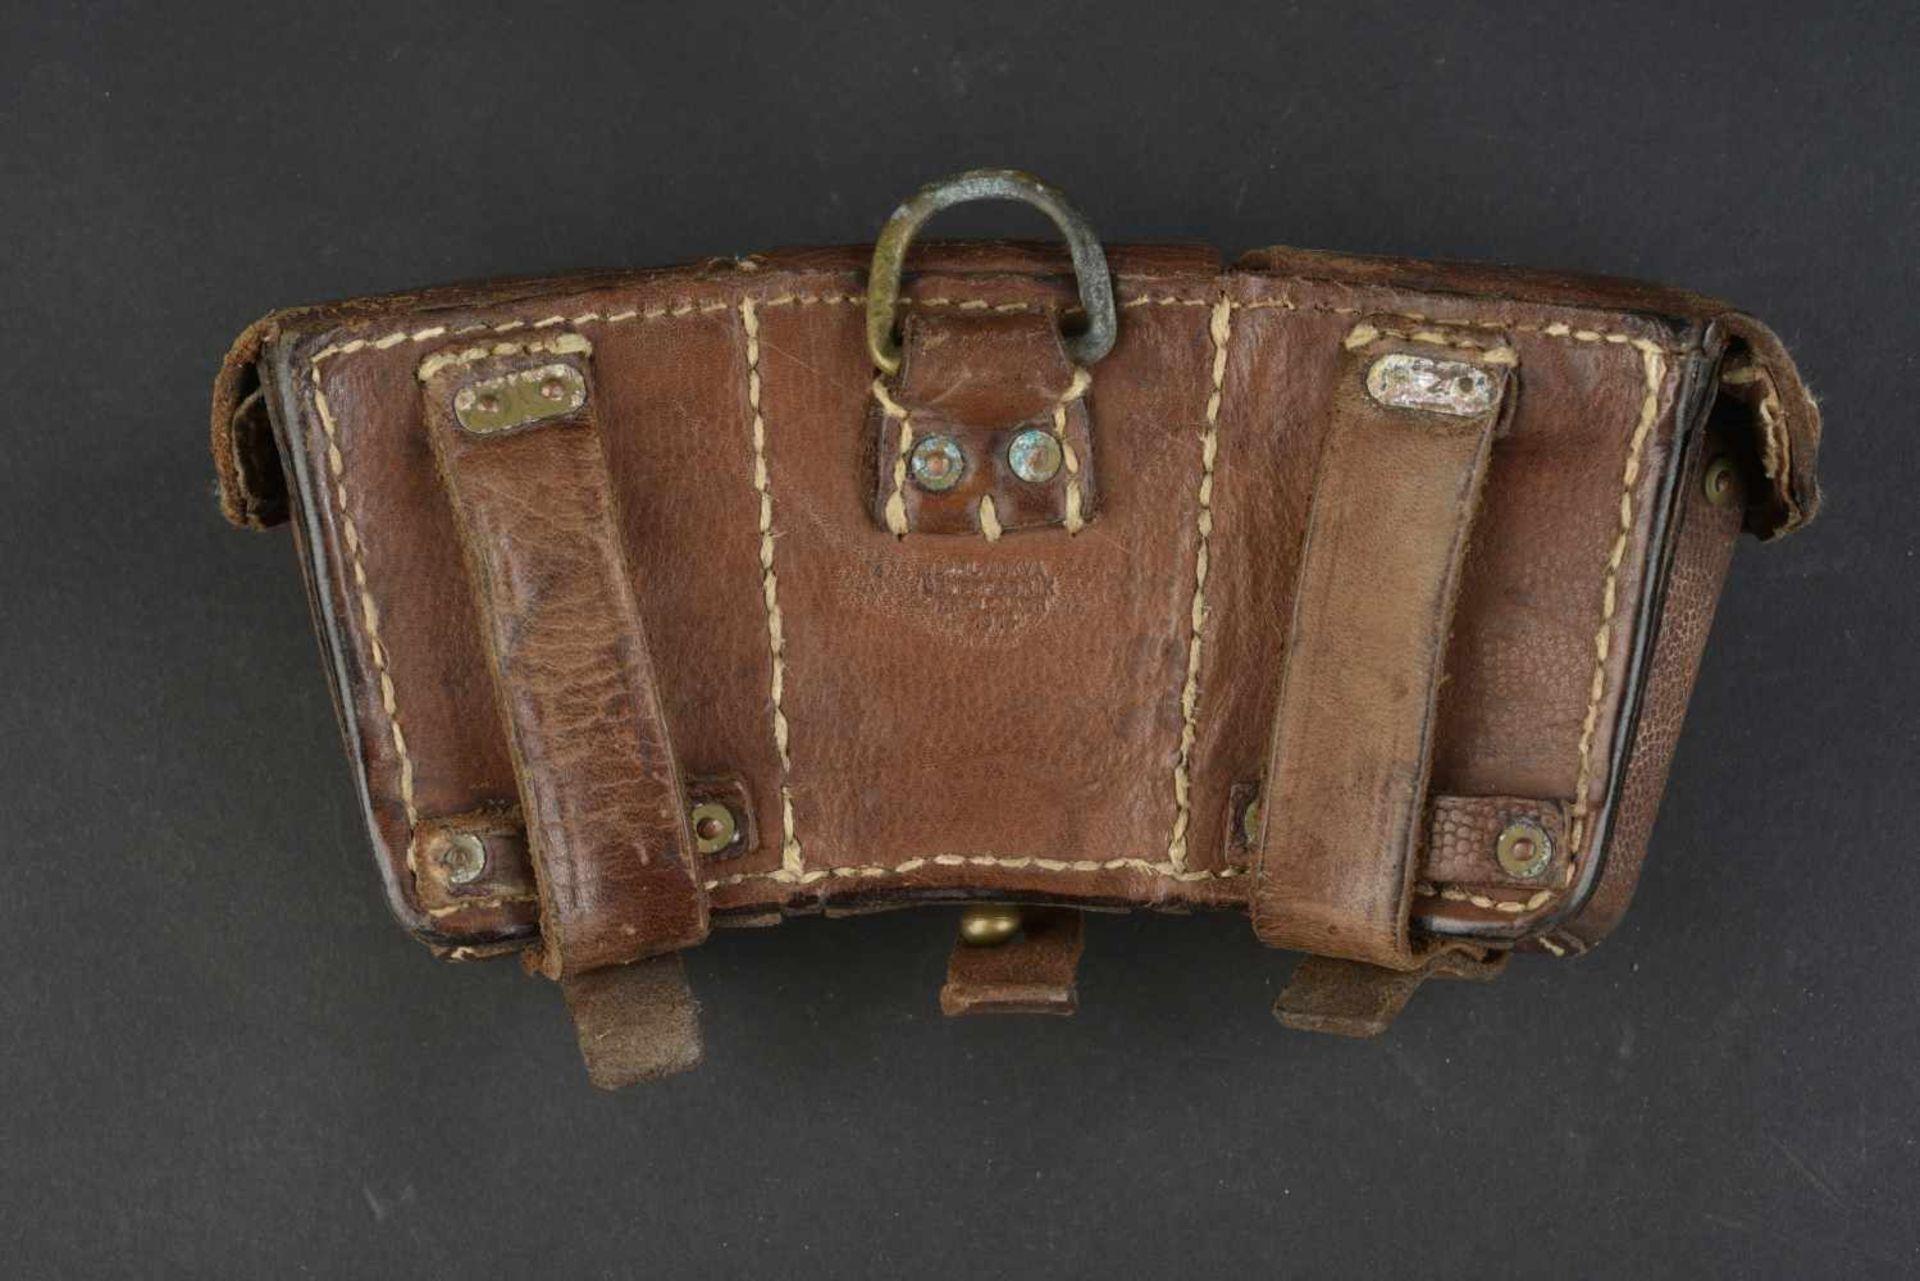 Cartouchière datée 1914 En cuir grenelé marron, trois compartiments. Fabrication Carl Ackva - Bild 4 aus 4